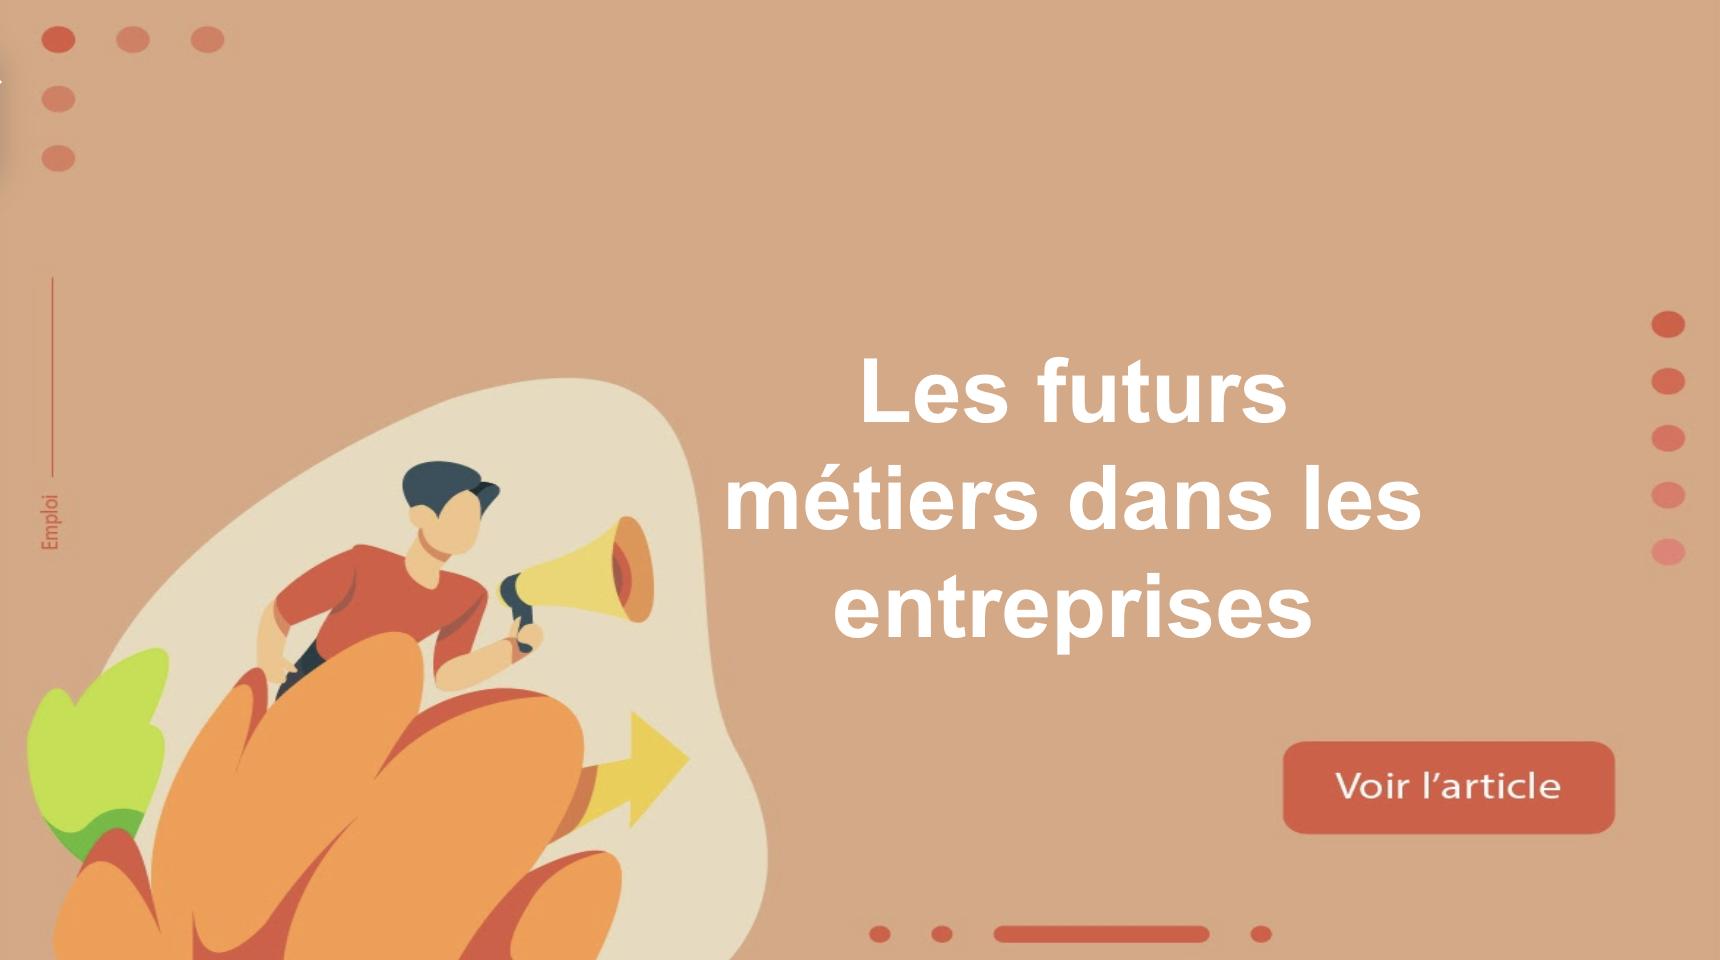 Les futurs métiers dans les entreprises